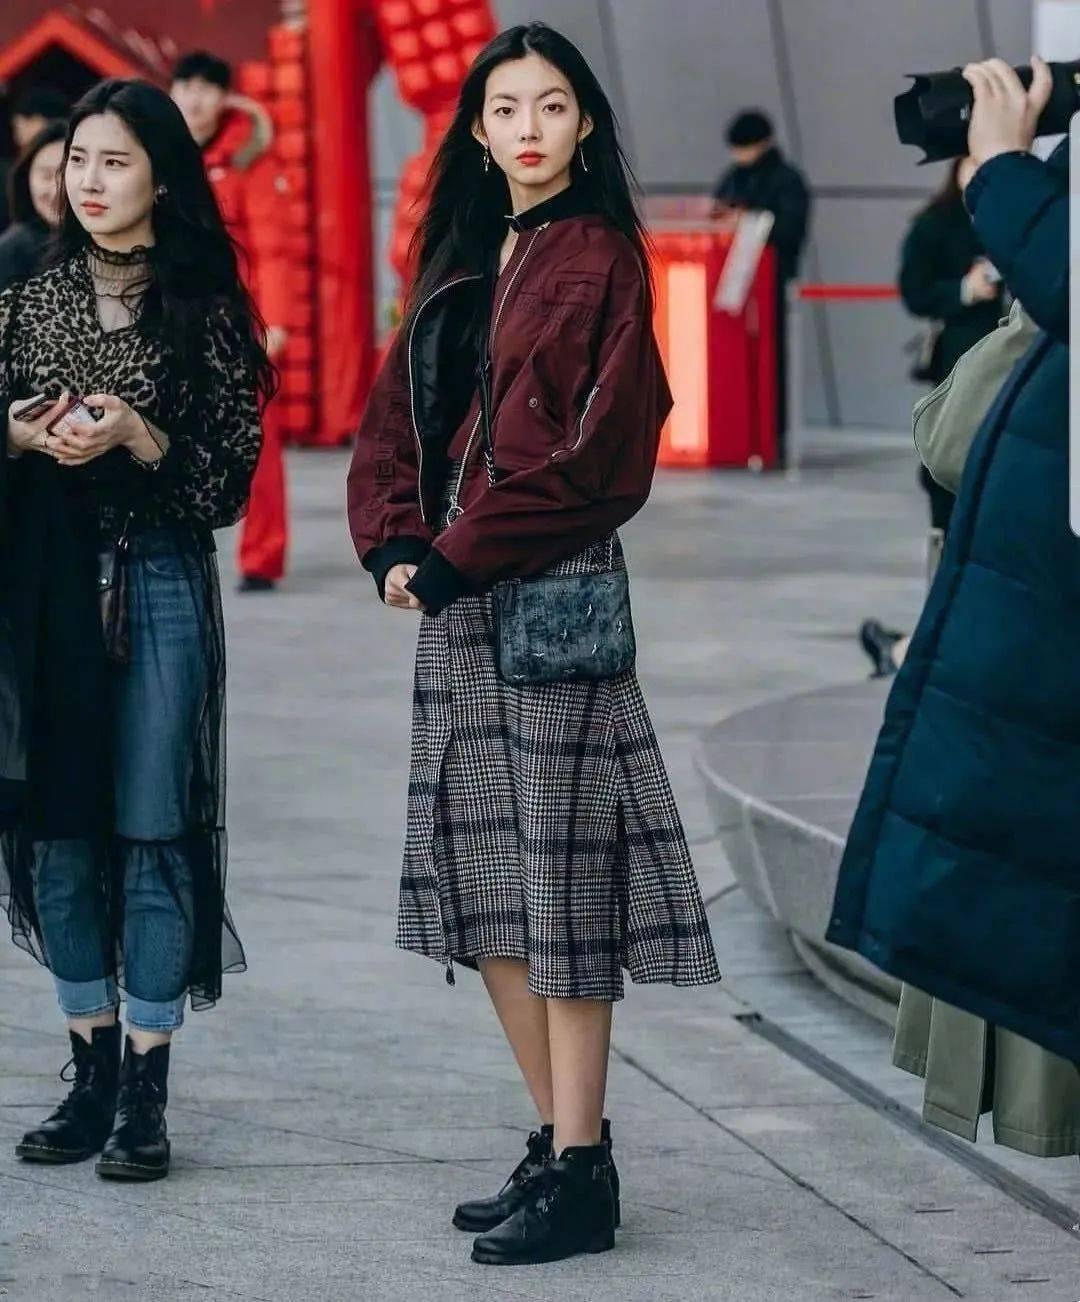 马丁靴+裙子,马丁靴+工装裤……又酷又撩,时髦炸了!     第20张